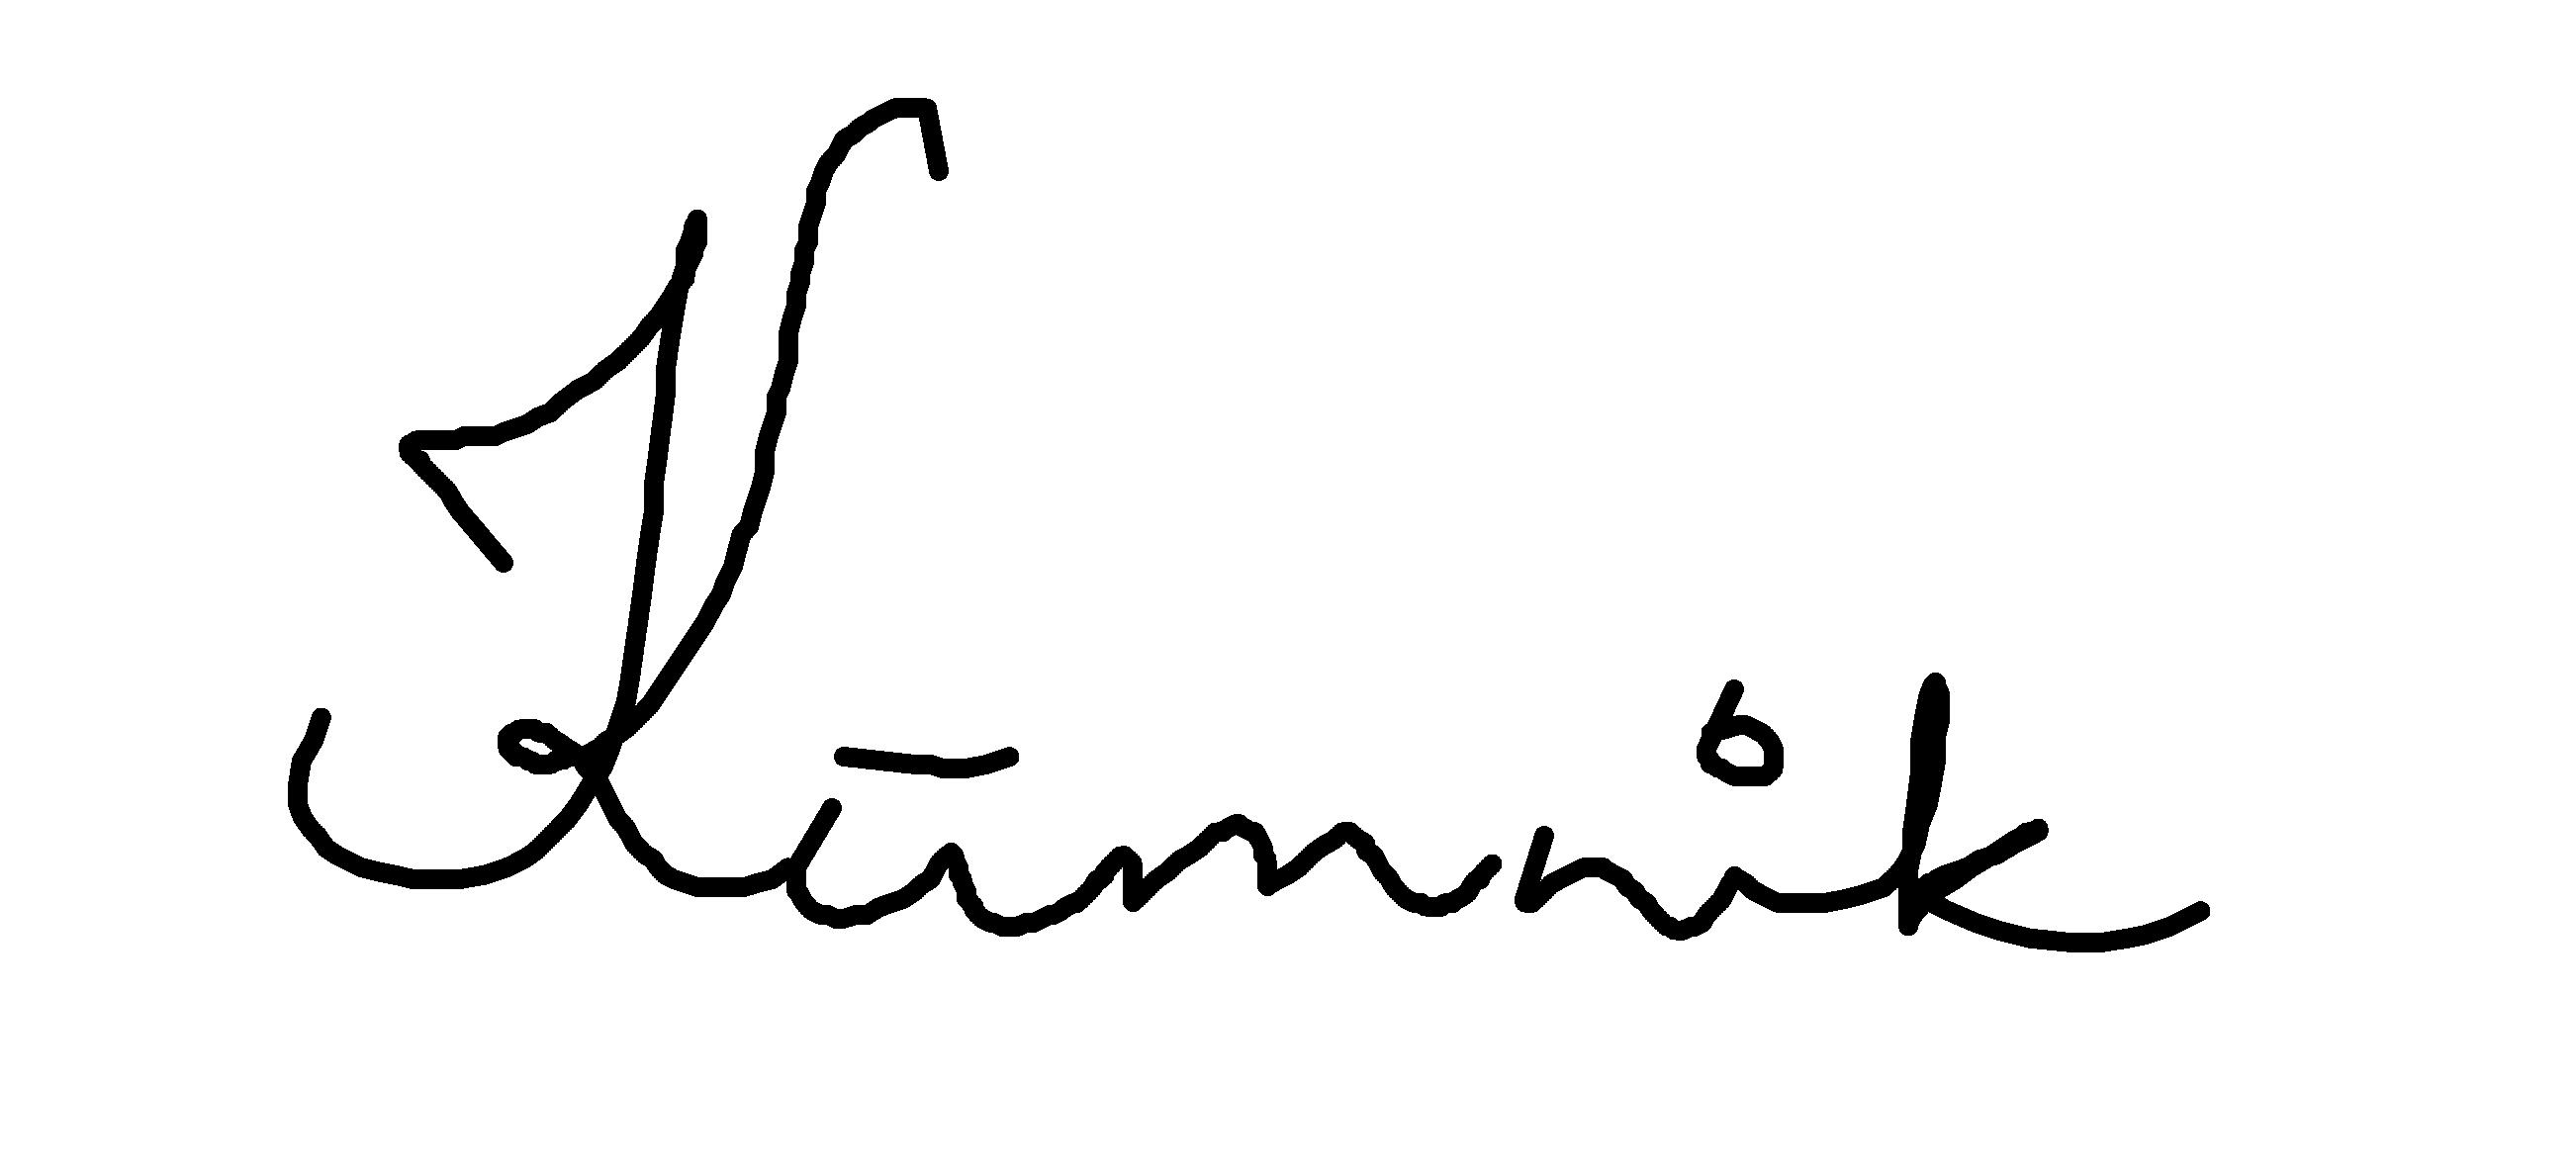 Maret Kümnik's Signature